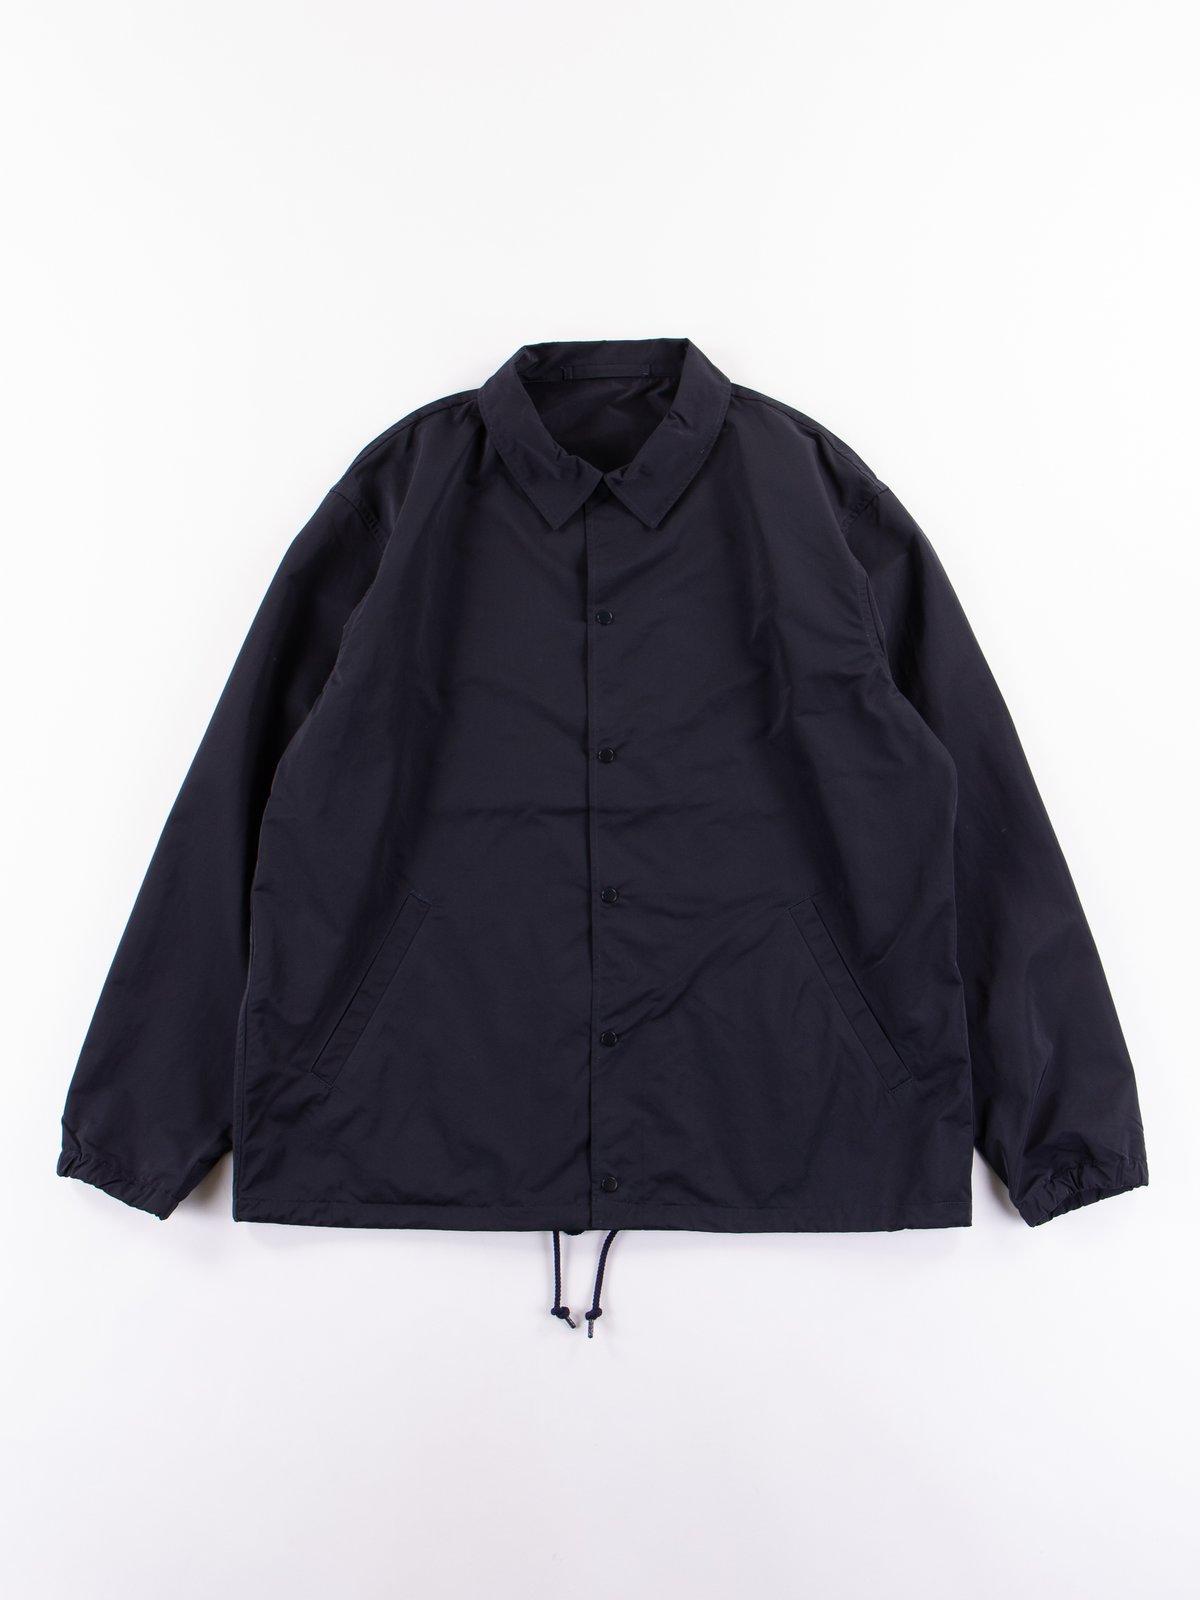 Navy Coach Jacket - Image 1